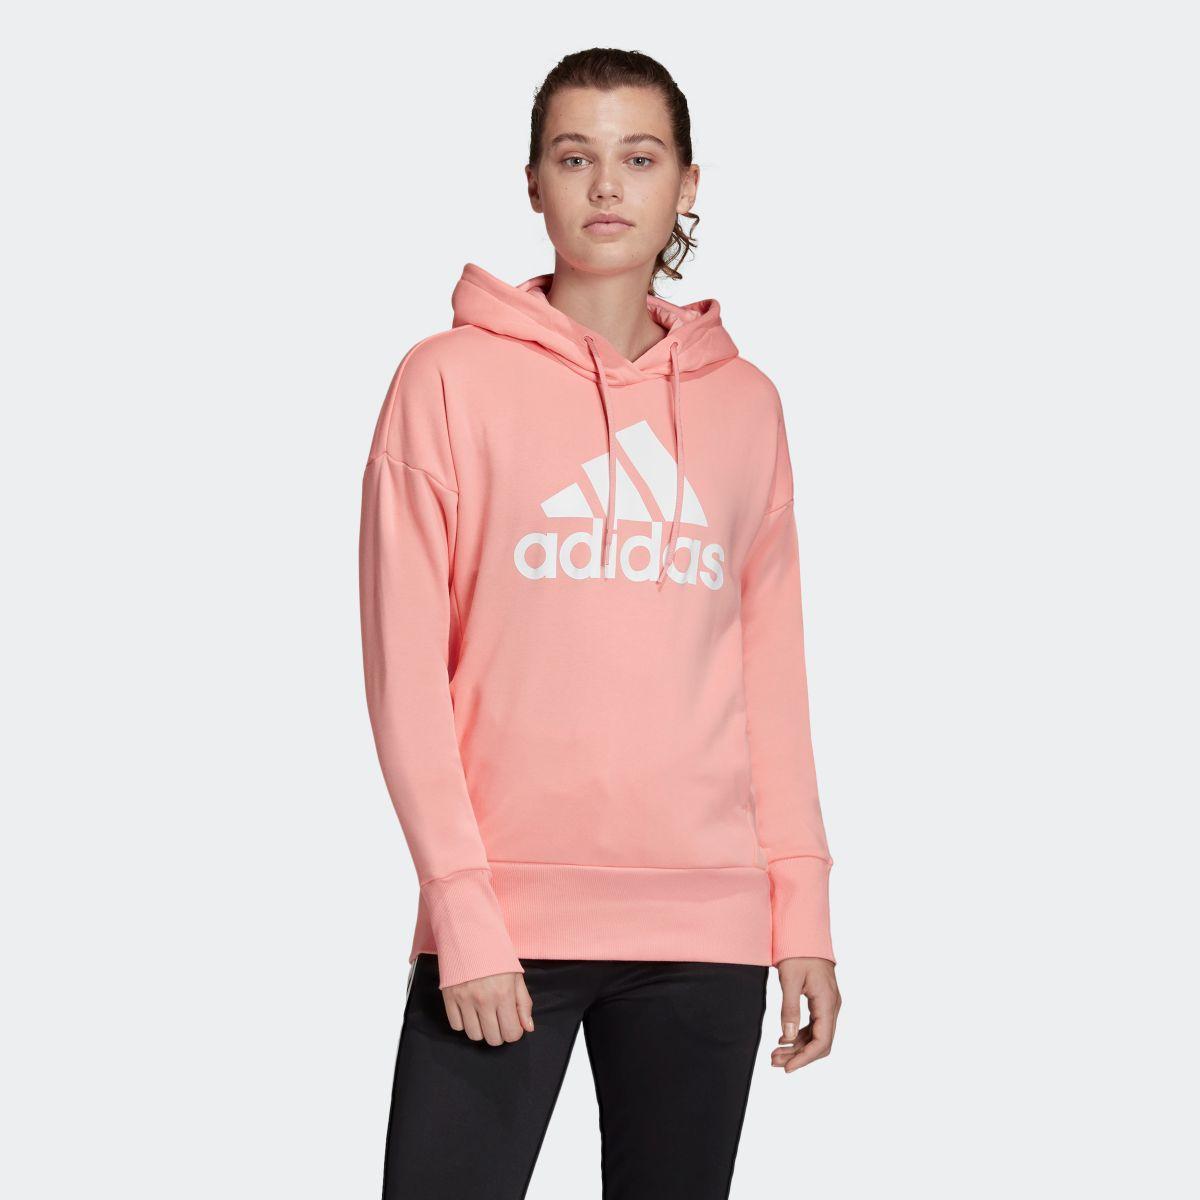 トップス, パーカー  adidas Badge of Sport Long Hoodie moday moress p0705